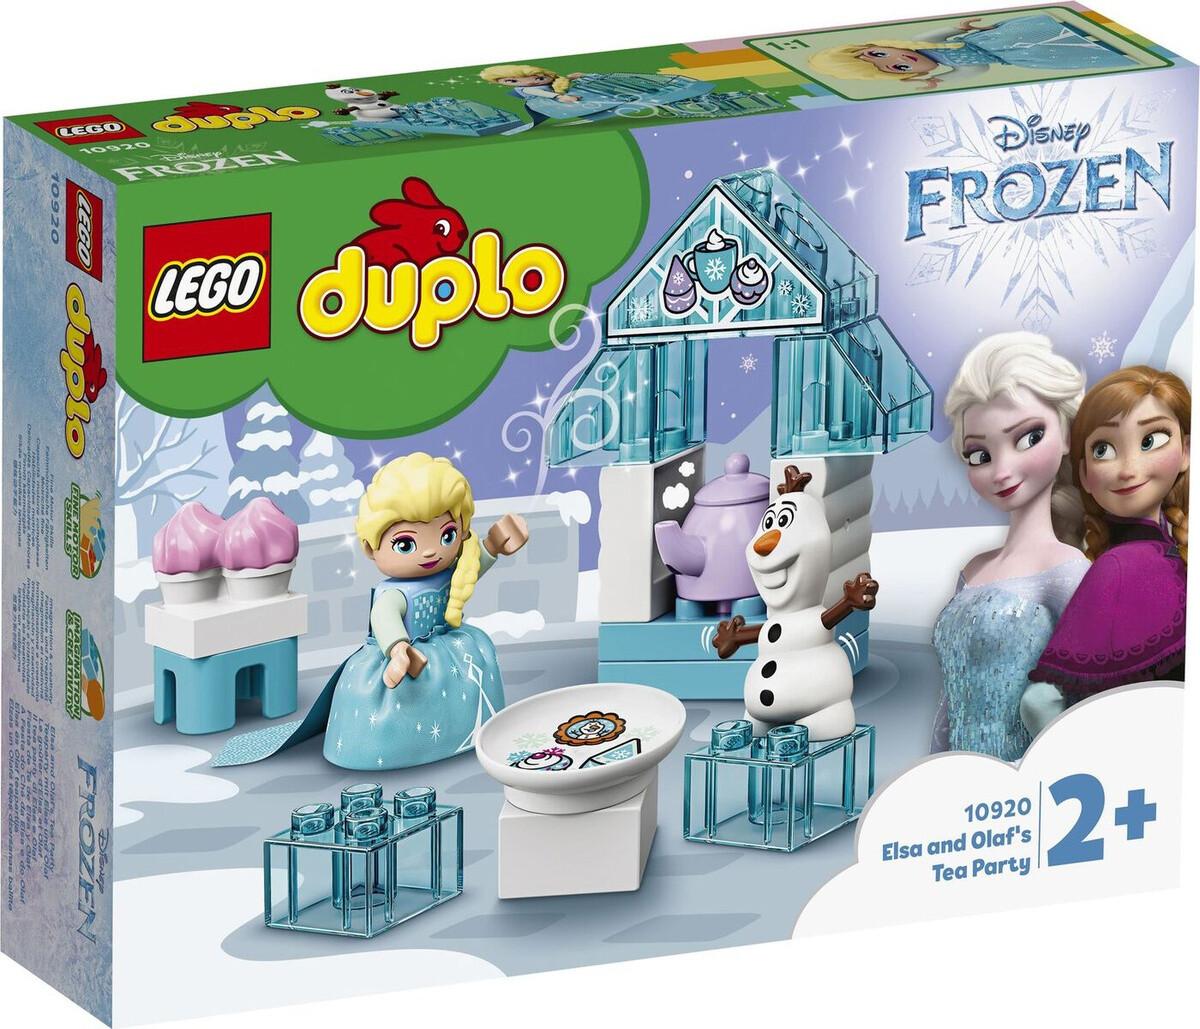 Конструктор LEGO DUPLO Disney Frozen 10920 Чаепитие у Эльзы и Олафа